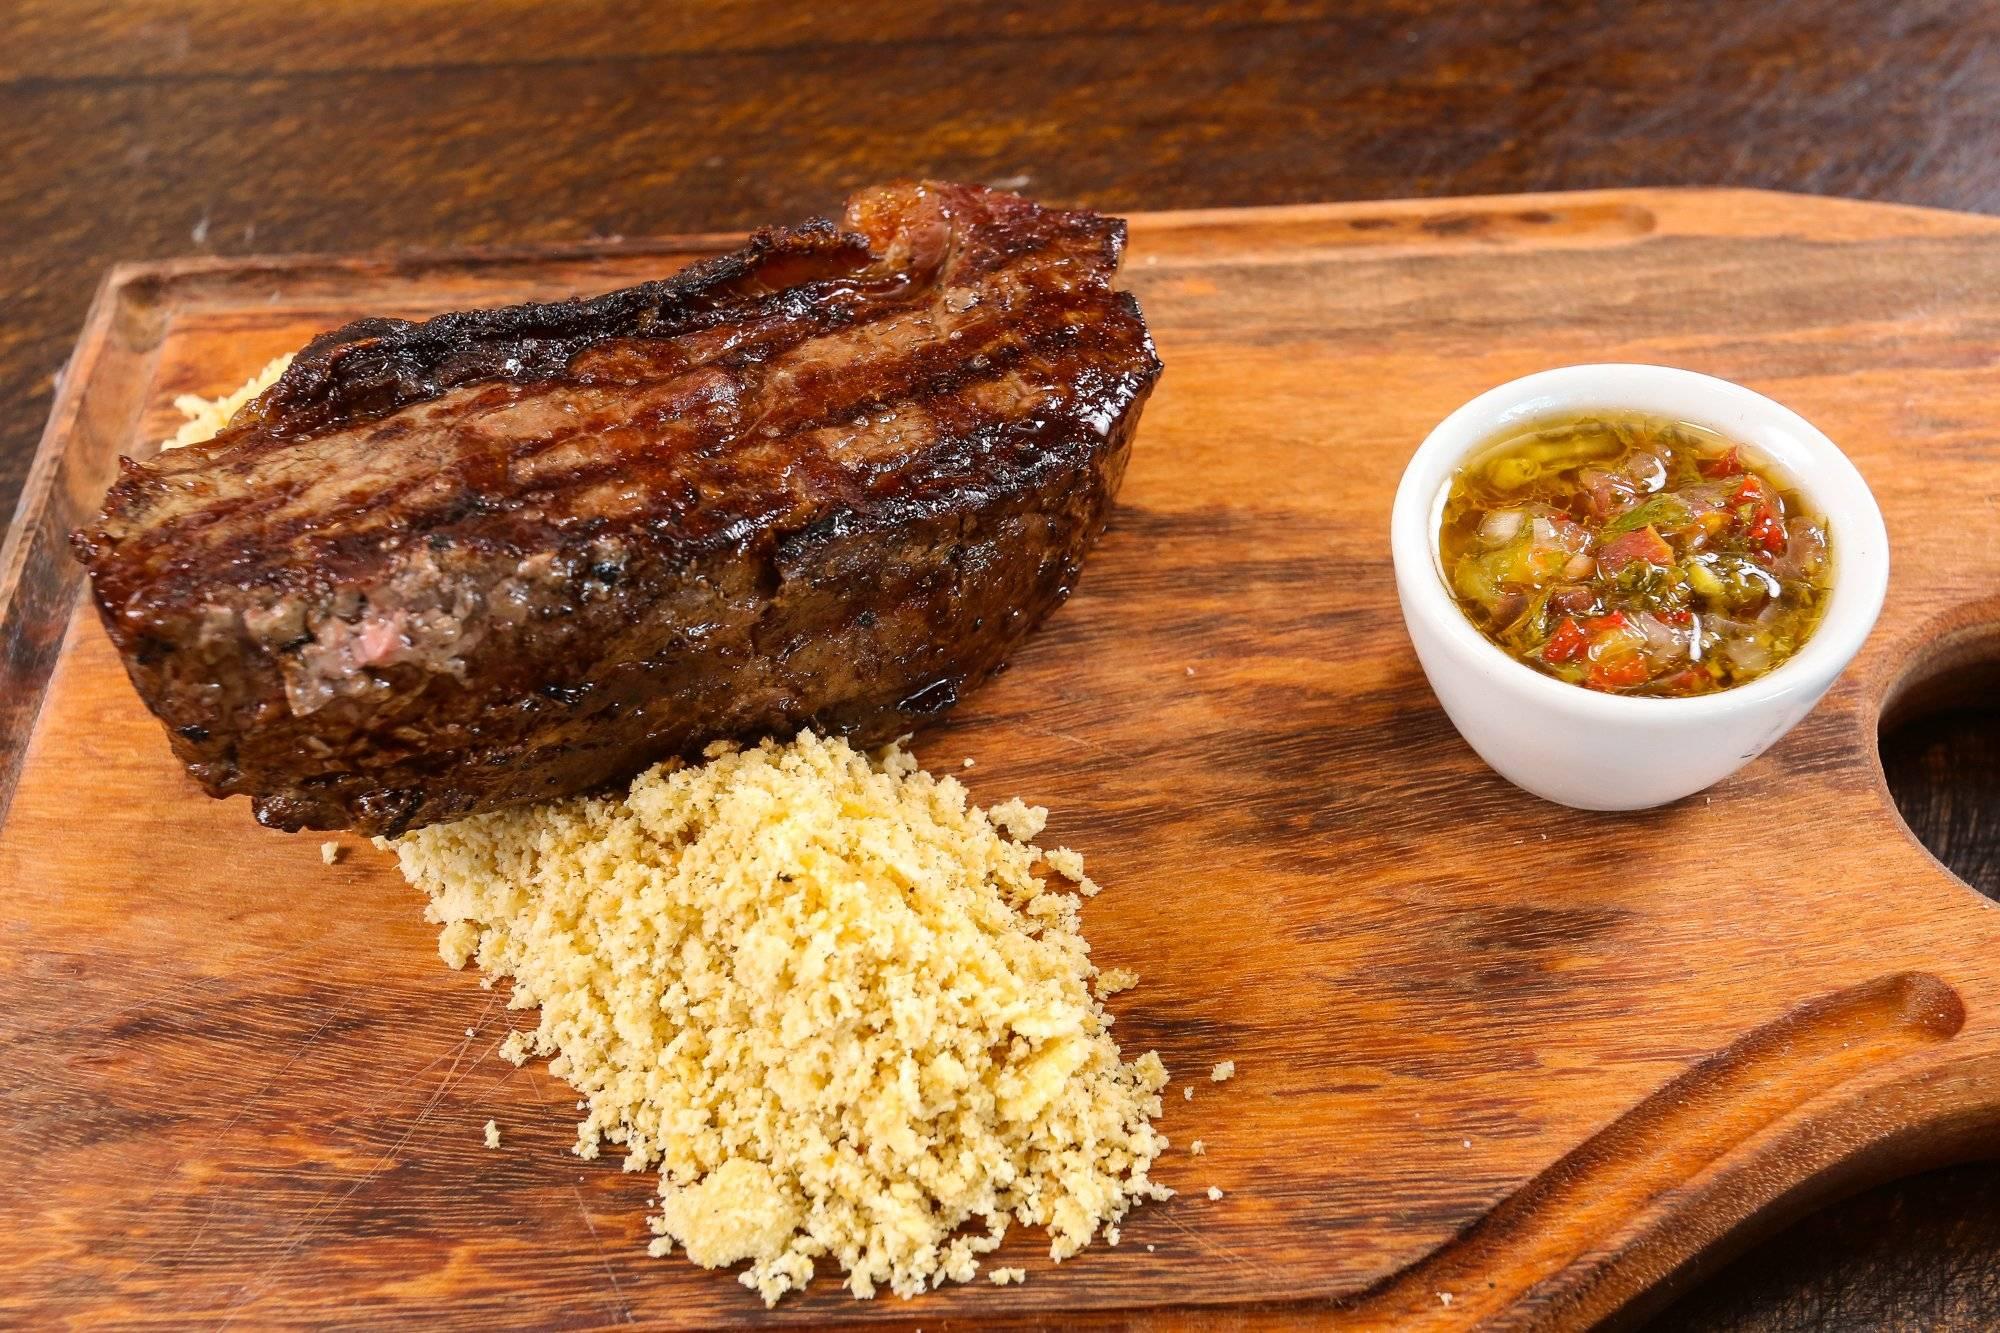 Bife de chorizo, o macio corte do contrafilé ao jeito de uruguaios e argentinos.